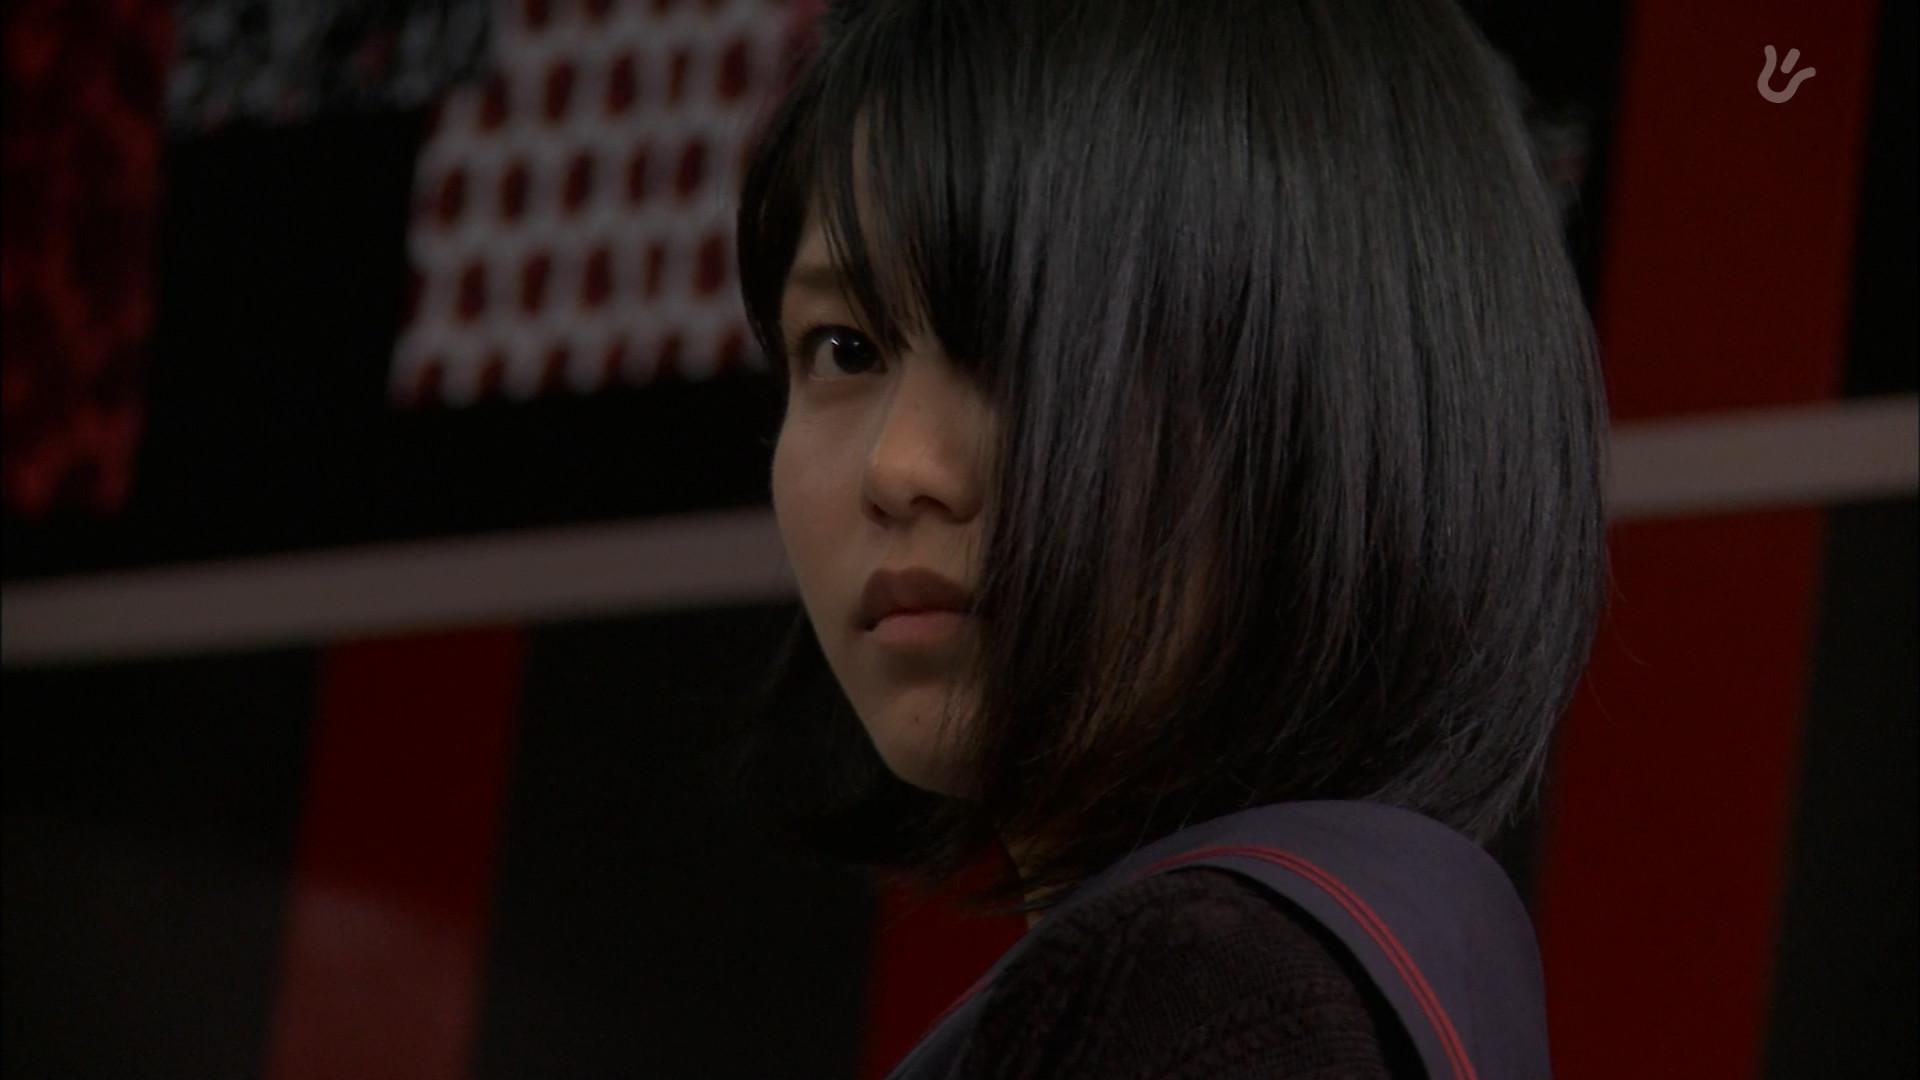 玩具箱 マジすか学園2 01 の横山由依さん 松井珠理奈さん